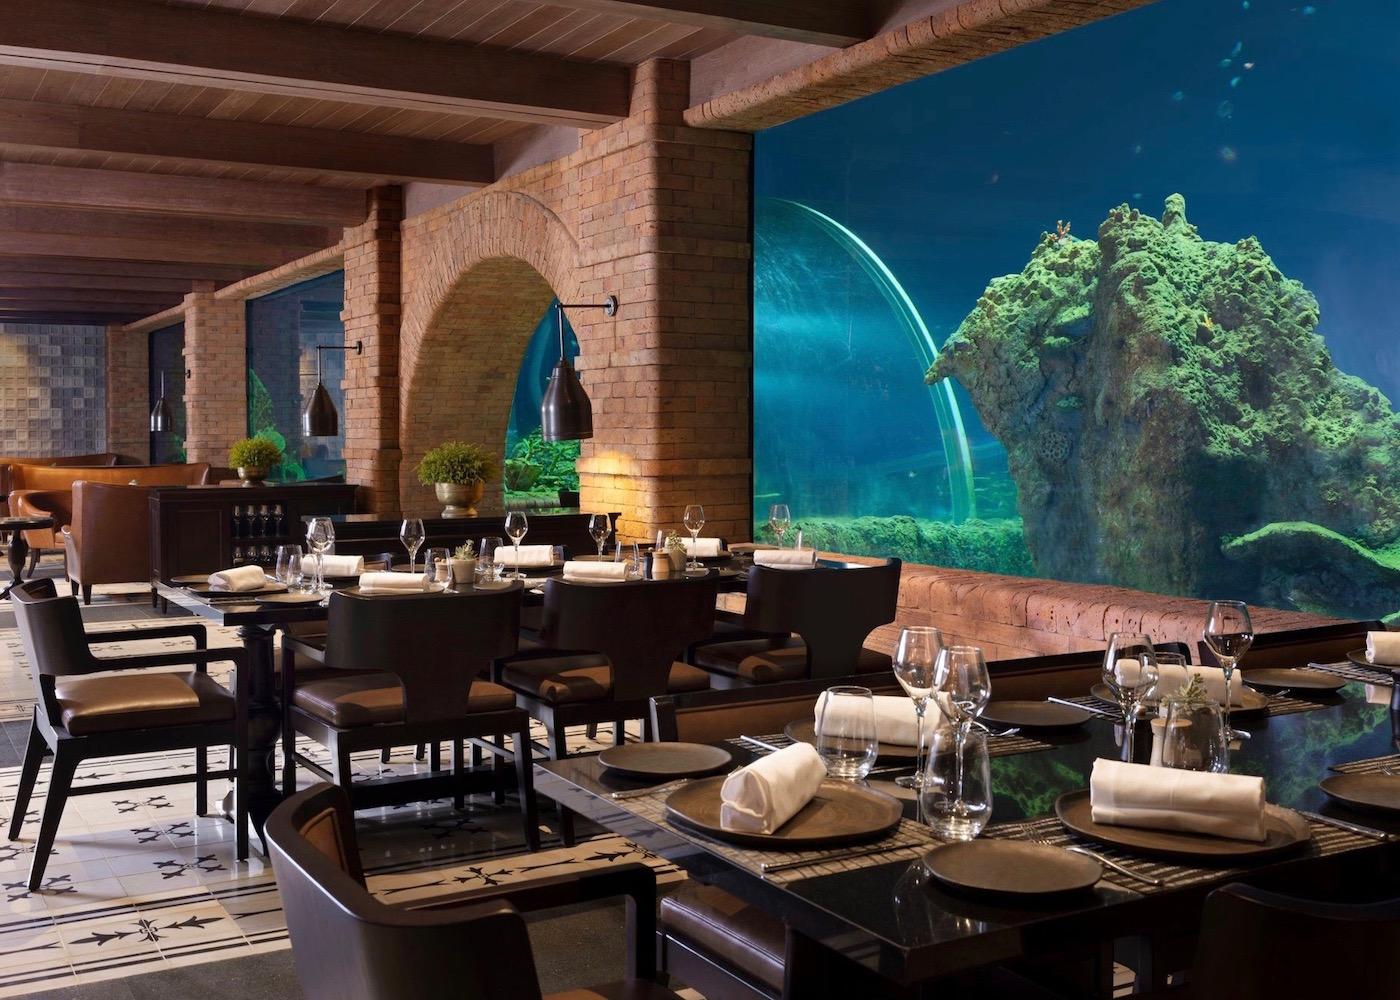 Unique uderwater restaurant in Bali - Koral